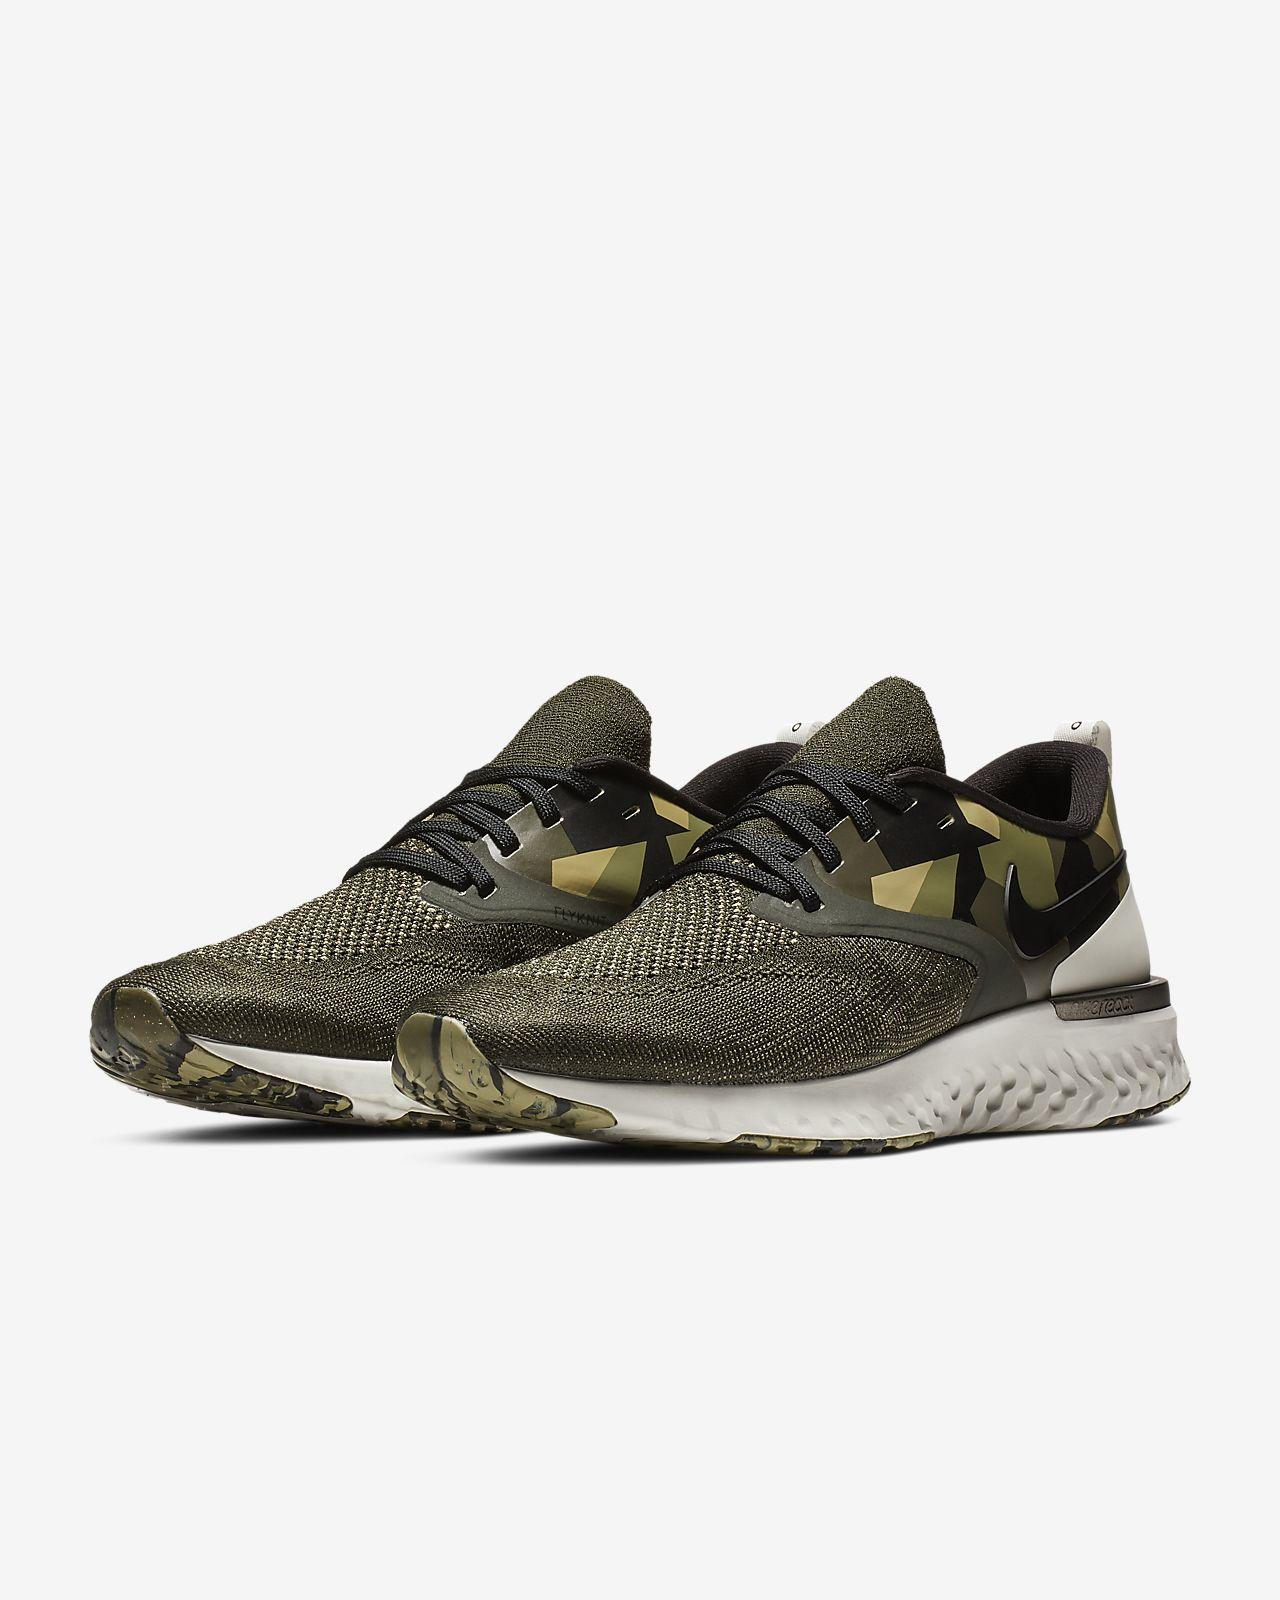 16e1c76a0c73 Nike Odyssey React Flyknit 2 Men s Graphic Running Shoe. Nike.com AU